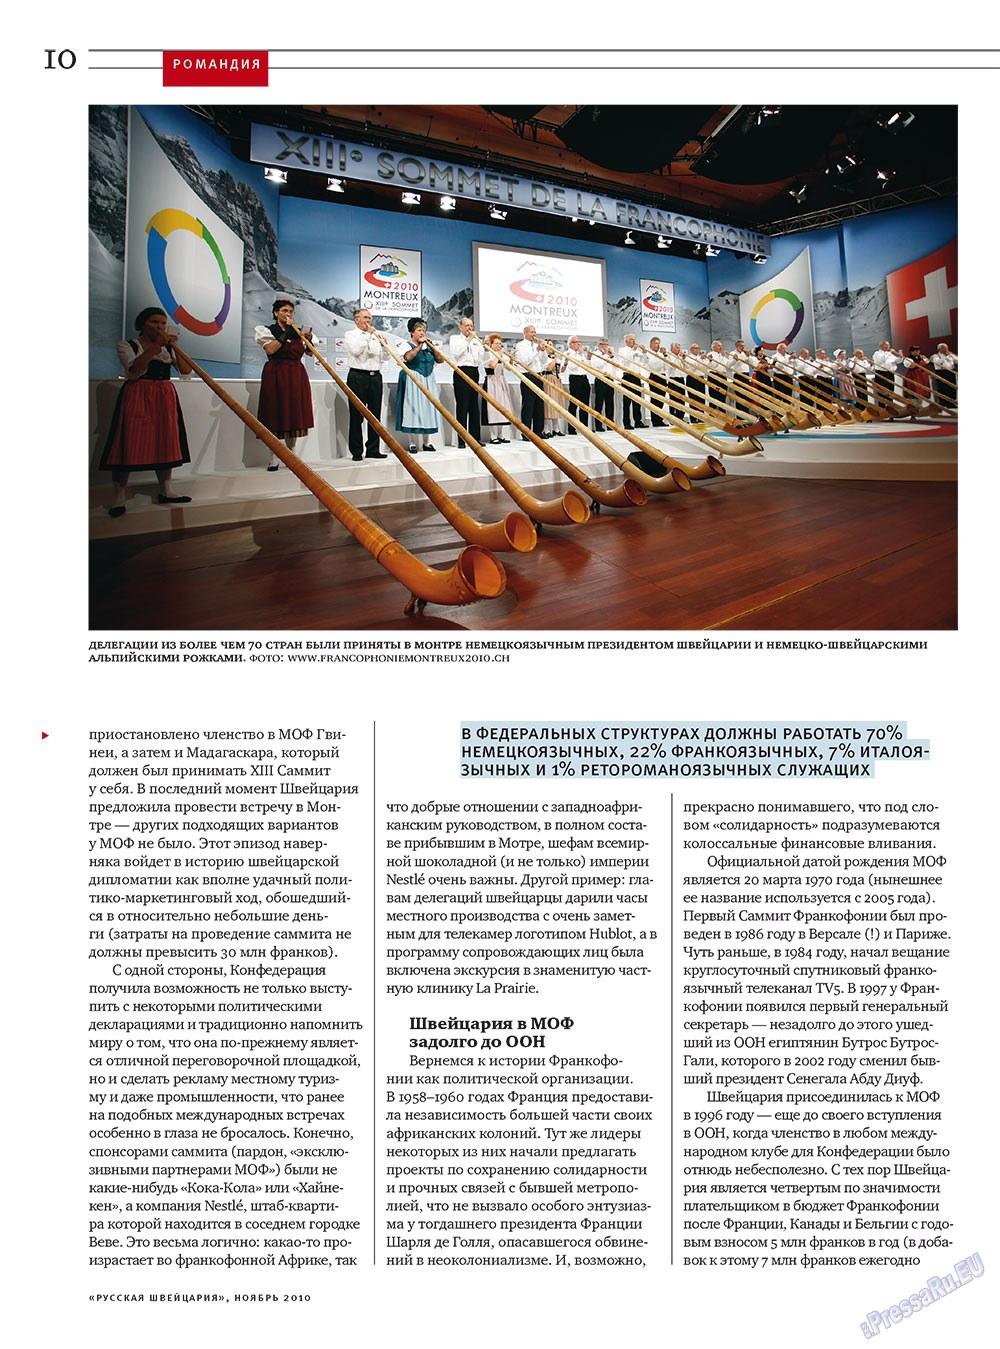 Русская Швейцария (журнал). 2010 год, номер 9, стр. 10